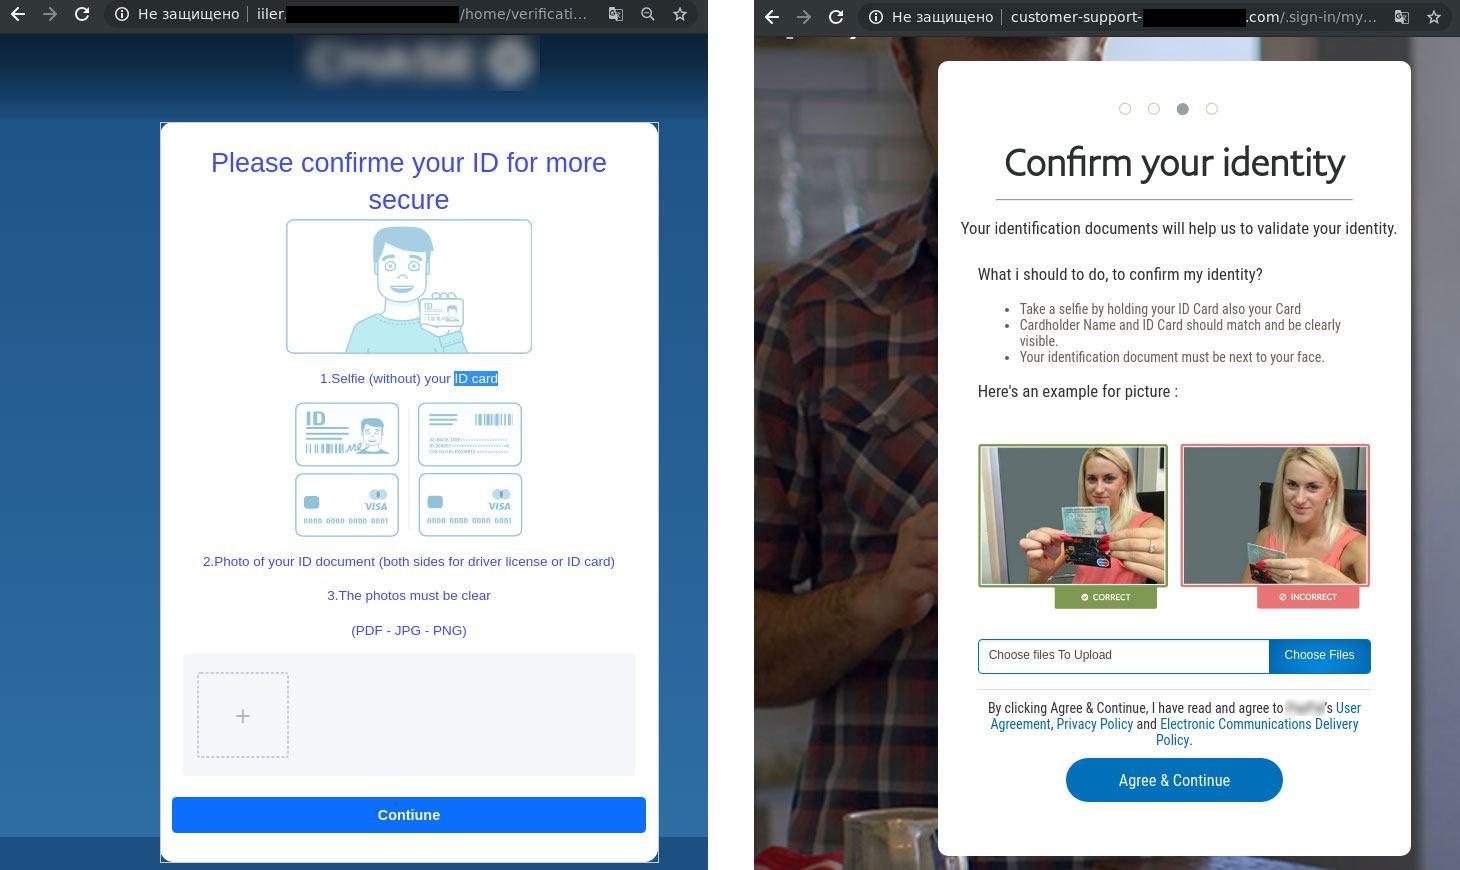 Betrüger, die sich als Zahlungssystem oder Bank ausgeben, fragen nach einem Selfie mit Personalausweis